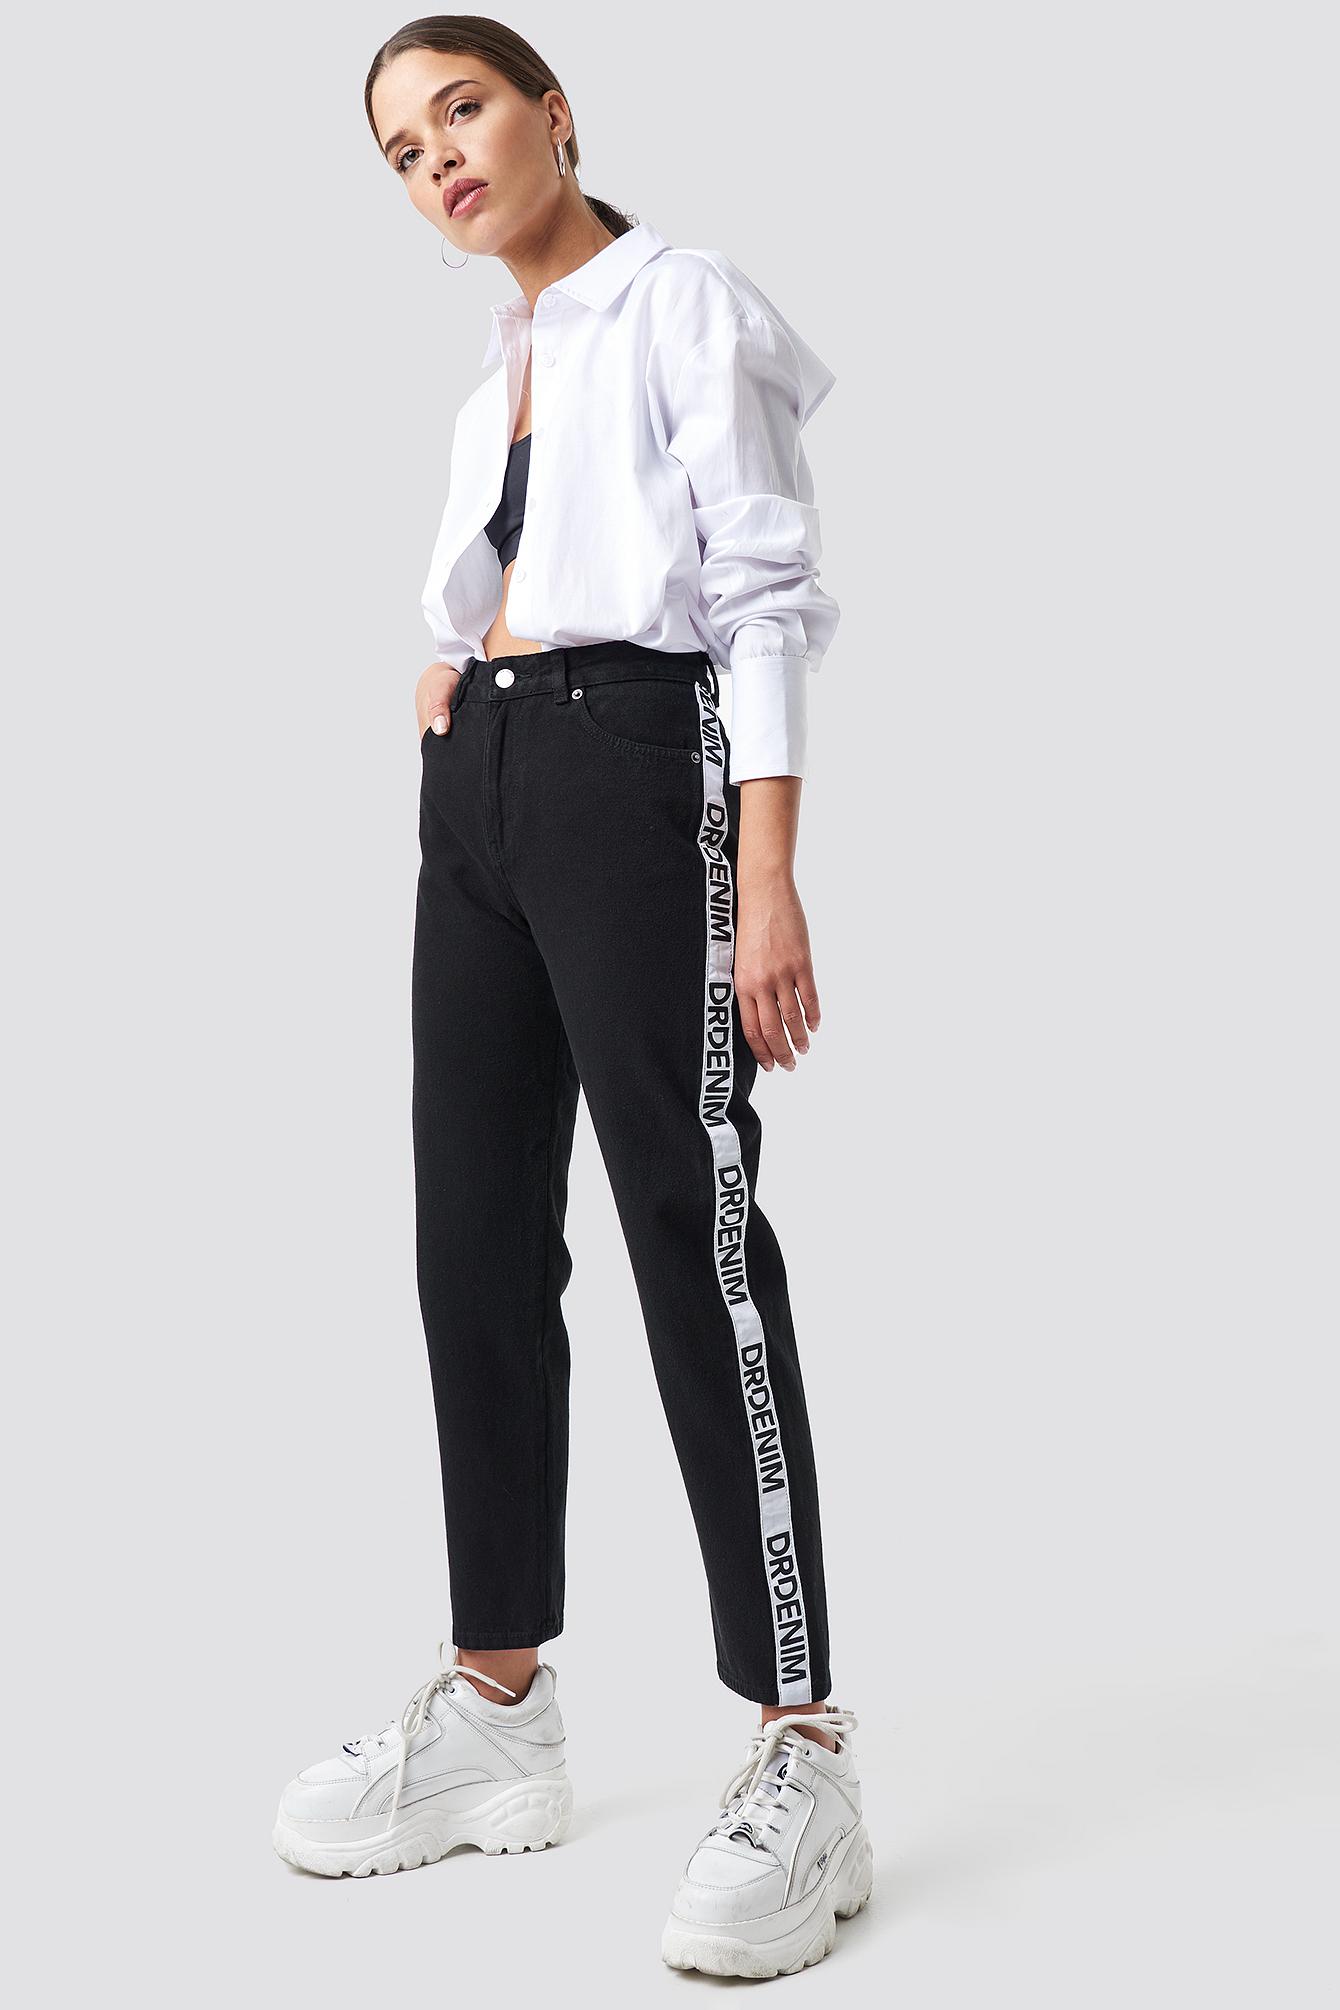 dr denim -  Pepper Straight Jeans - Black